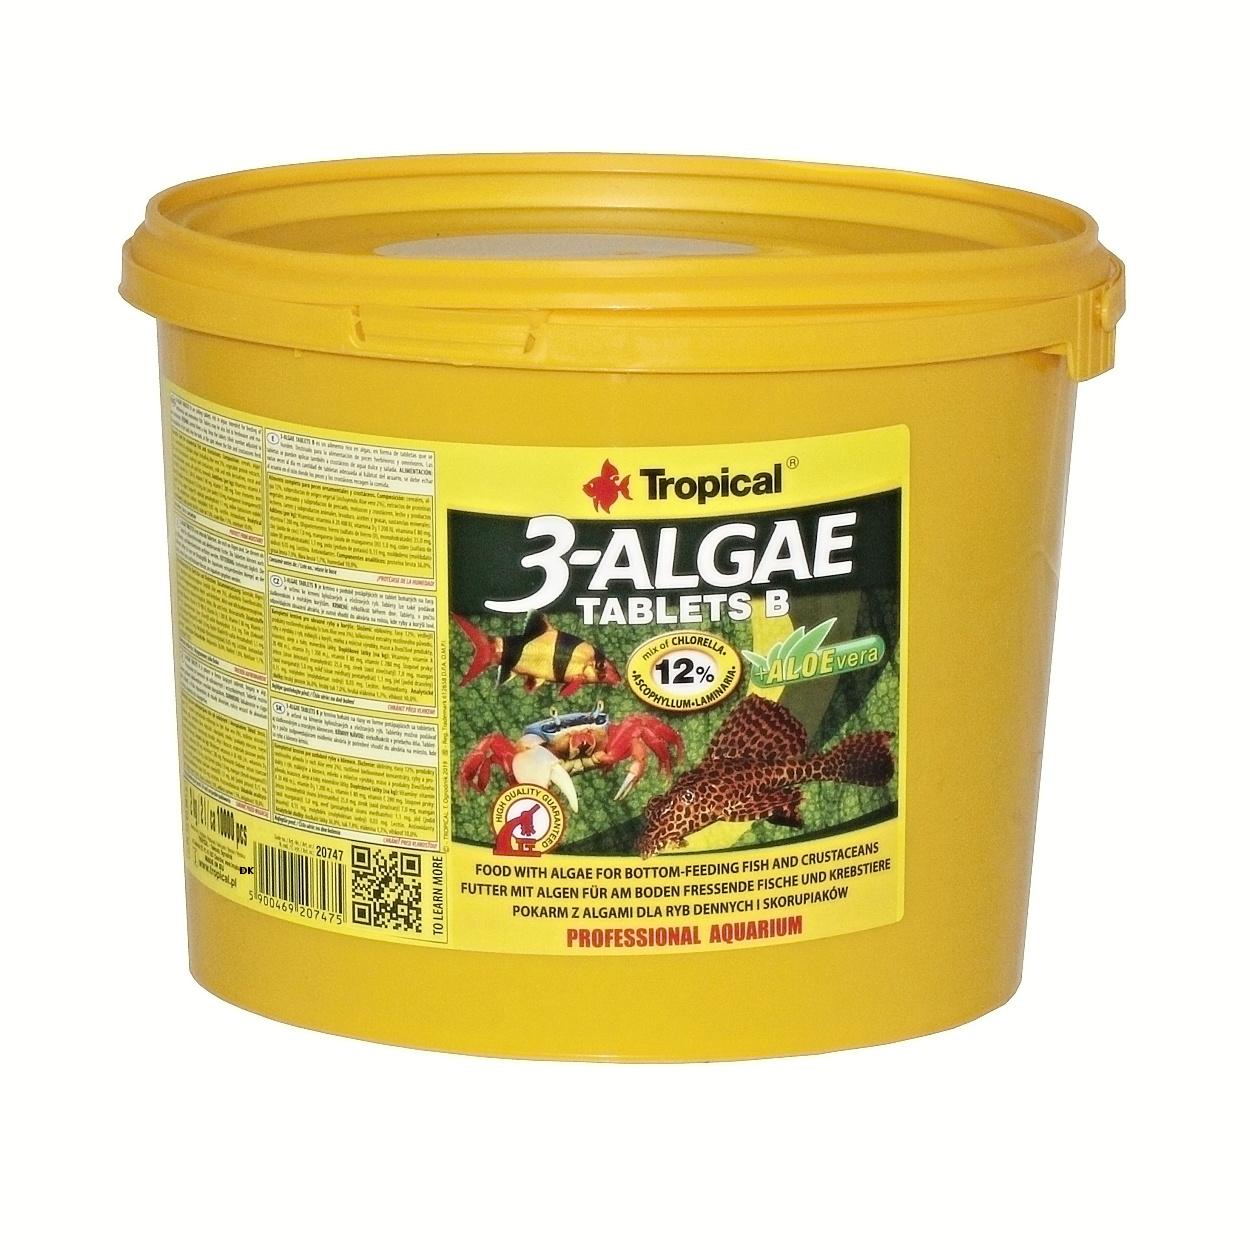 Tropical 3-Algae Tablets B - 2 Kg